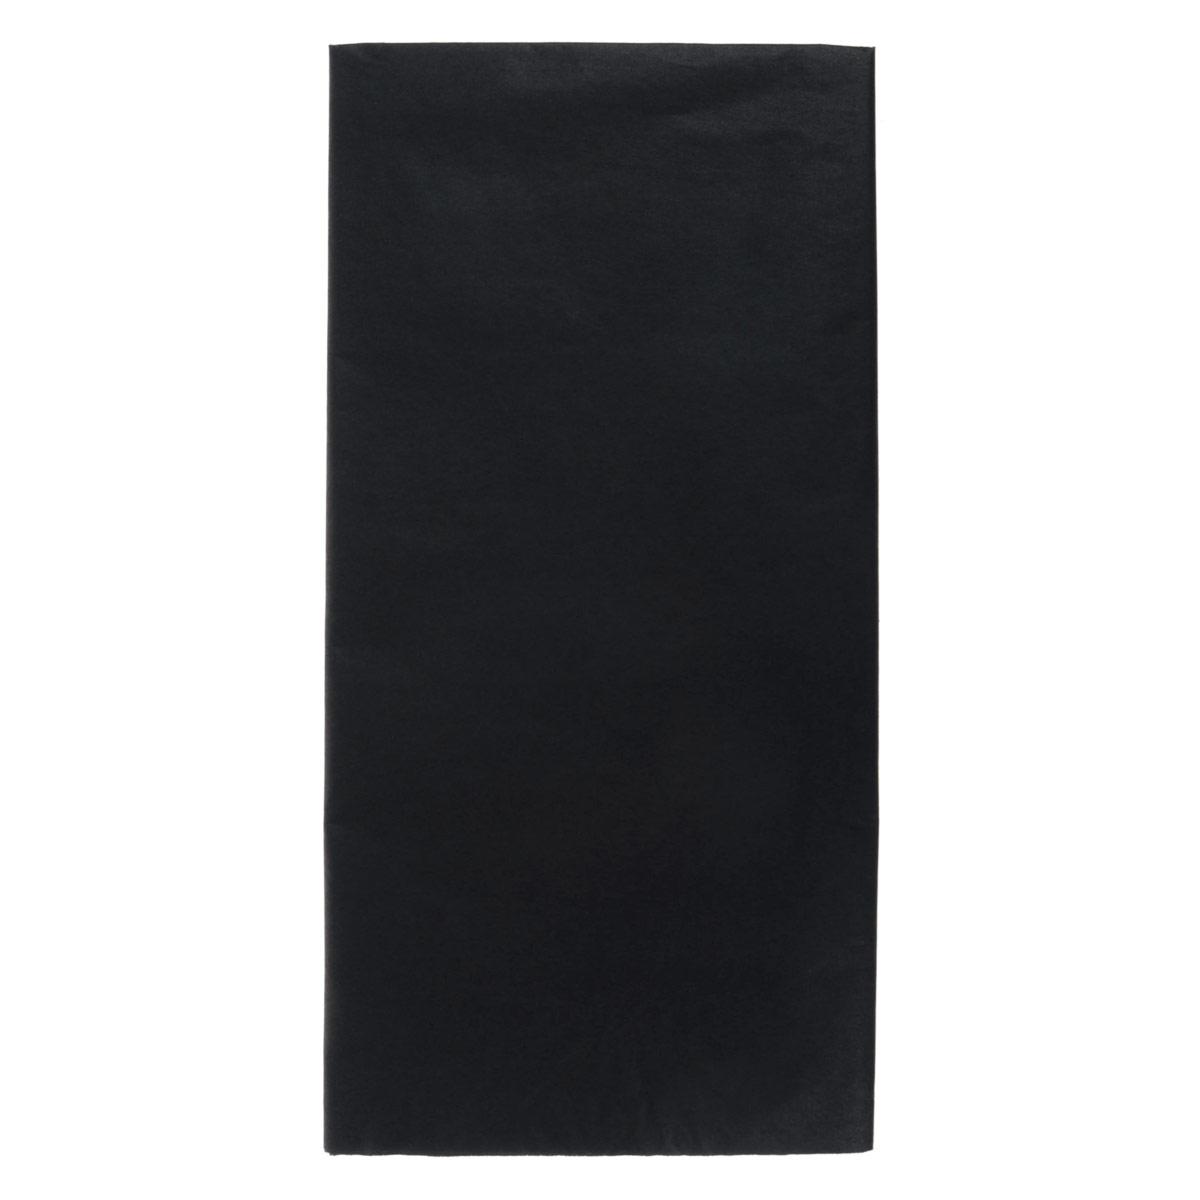 Бумага папиросная Folia, цвет: черный (90), 50 см х 70 см, 5 листов. 7708123_9055052Бумага папиросная Folia - это великолепная тонкая и эластичная декоративная бумага. Такая бумага очень хороша для изготовления своими руками цветов и букетов с конфетами, топиариев, декорирования праздничных мероприятий. Также из нее получается шикарная упаковка для подарков. Интересный эффект дает сочетание мягкой полупрозрачной фактуры папиросной бумаги с жатыми и матовыми фактурами: креп-бумагой, тутовой и различными видами картона. Бумага очень тонкая, полупрозрачная - поэтому ее можно оригинально использовать в декоре стекла, светильников и гирлянд. Достаточно большие размеры листа и богатая цветовая палитра дают простор вашей творческой фантазии. Размер листа: 50 см х 70 см.Плотность: 20 г/м2.